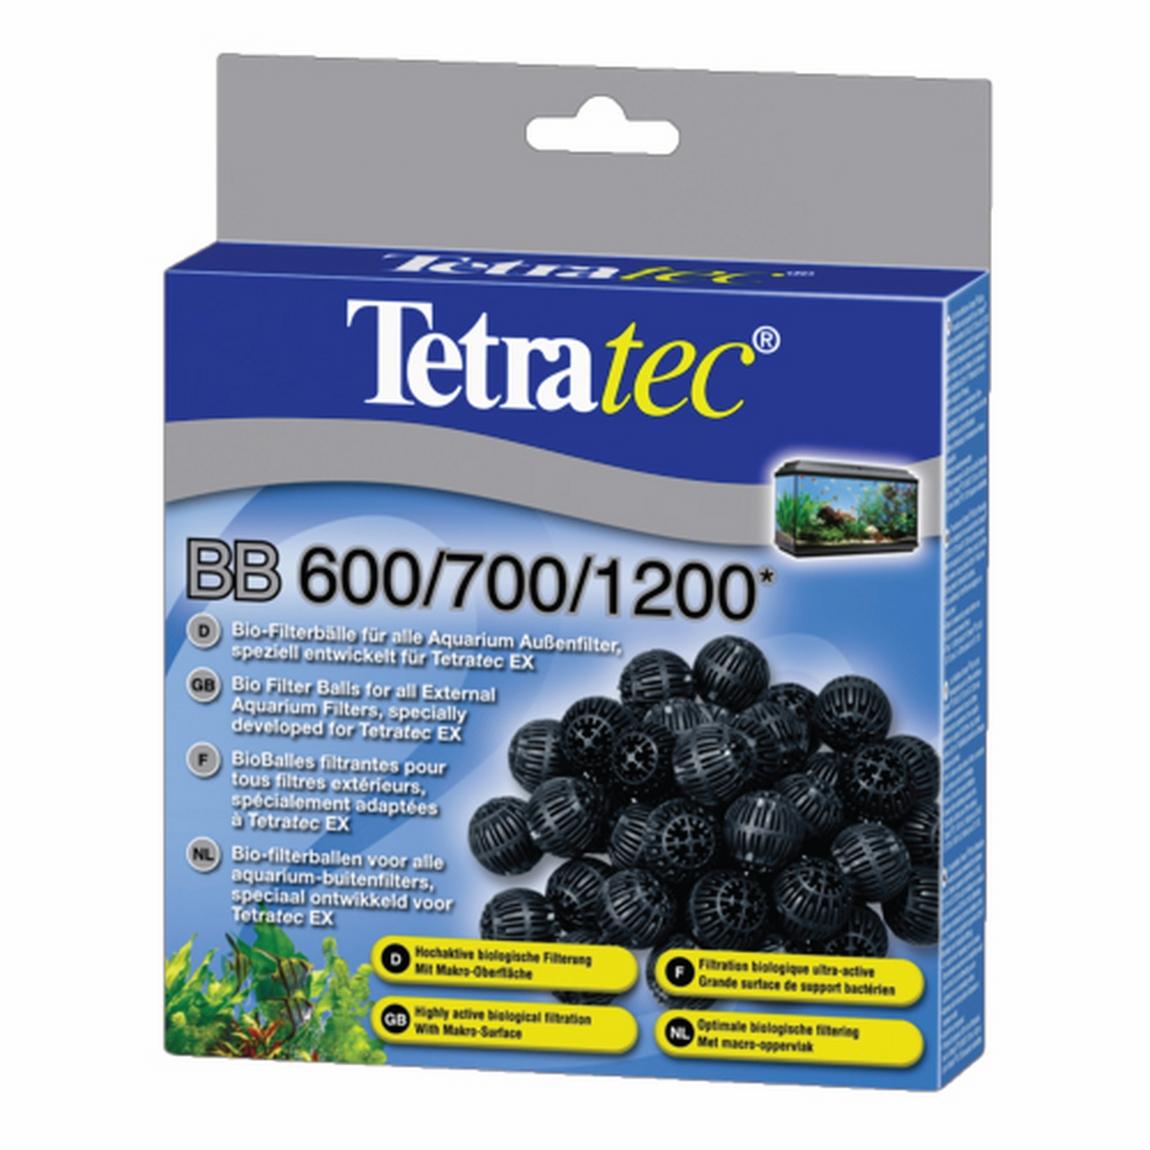 Tetratec Material Filtrant Ex Bb 400/600/700/1200/2400 imagine